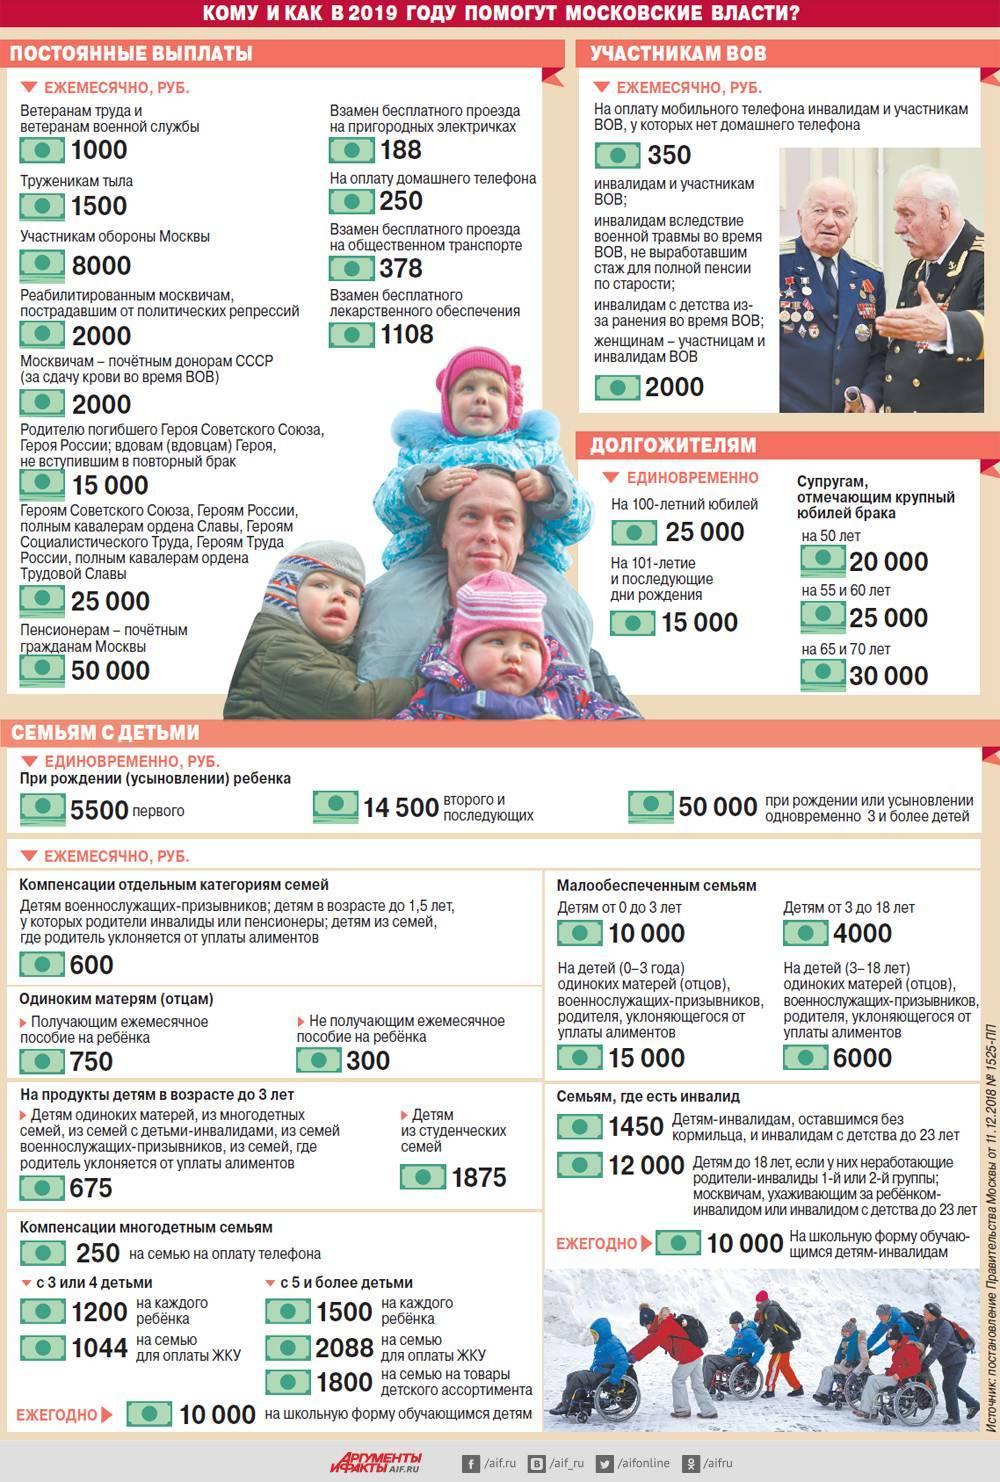 Все пособия и льготы женам военнослужащих, пенсии супругам